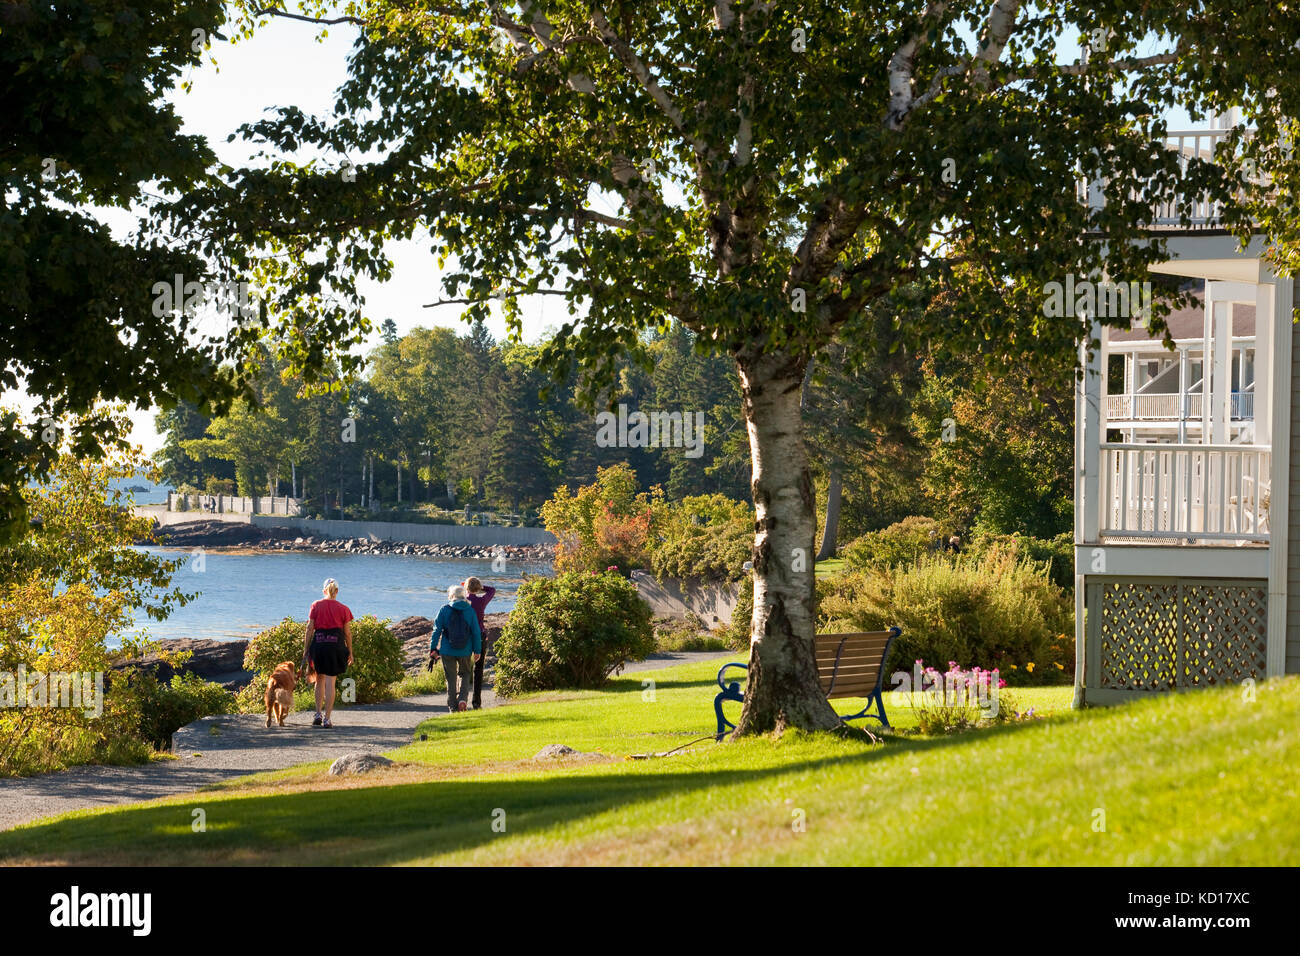 'Shore populaires path' qui commence à Bar Harbor et prolonge de trois-quarts de mile le long de la Photo Stock